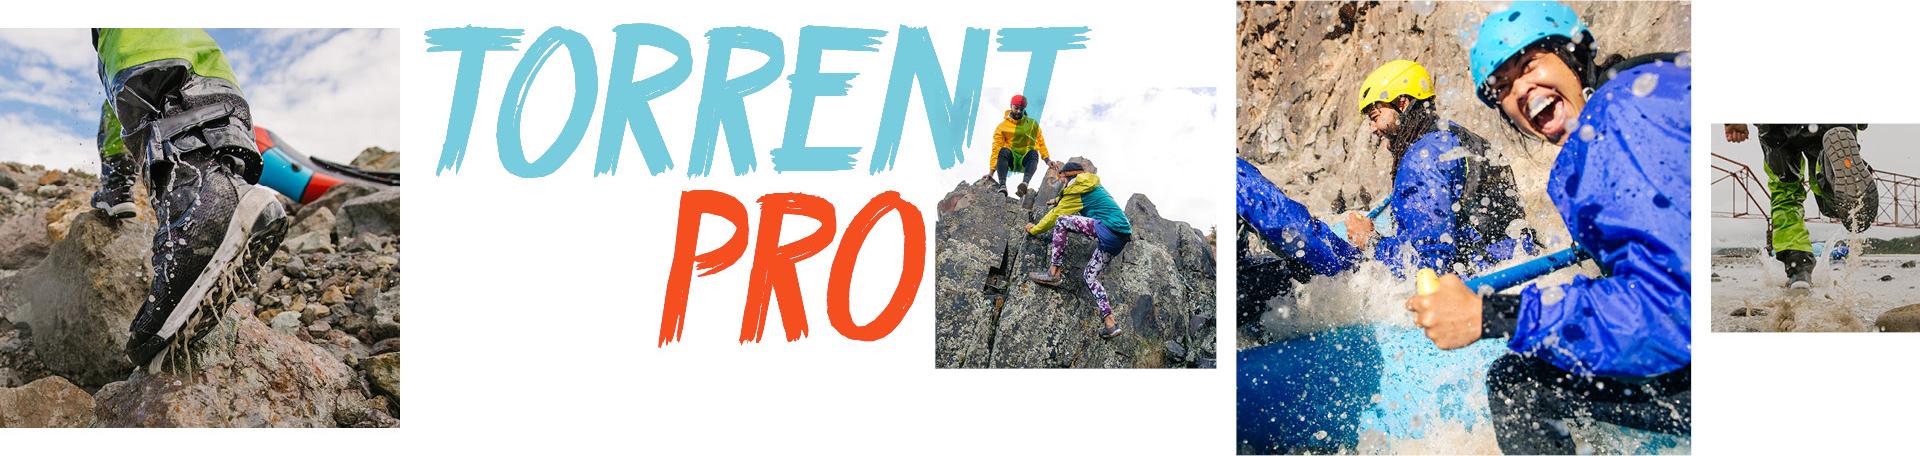 Torrent Pro